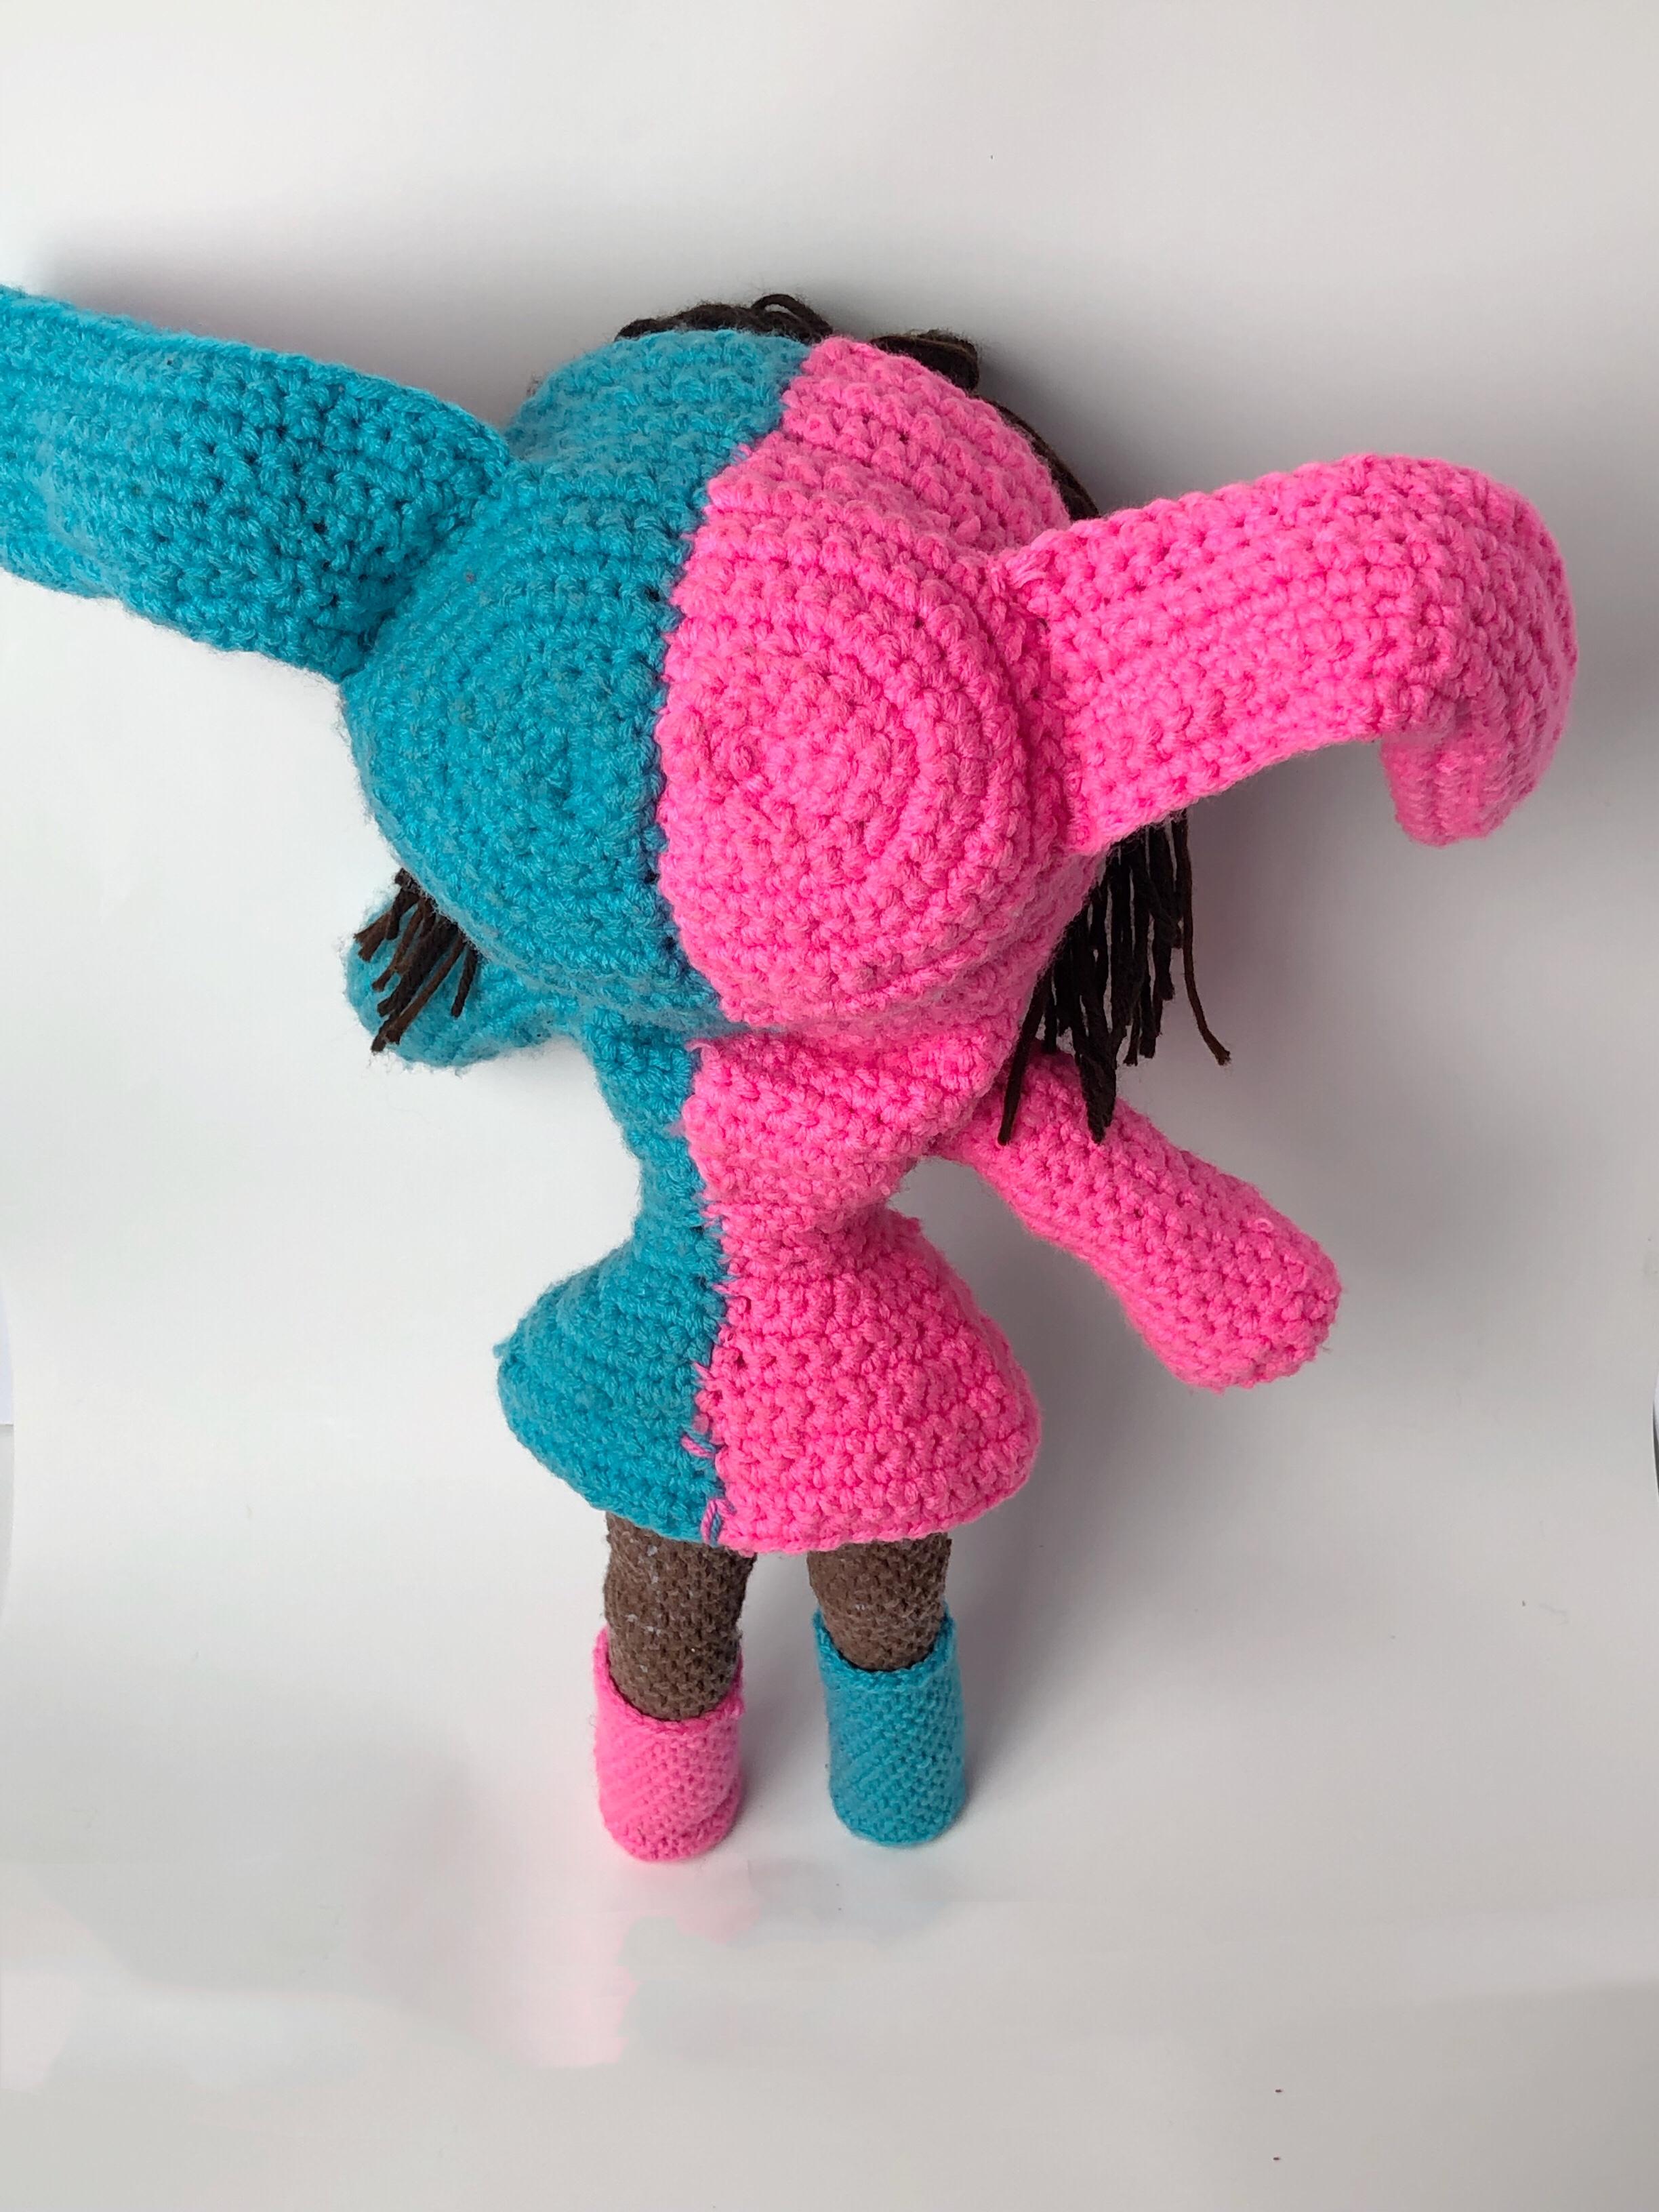 Amigurumi bunny in pajamas - Amigurumi Today - Amigurumi Crochet ...   3264x2448